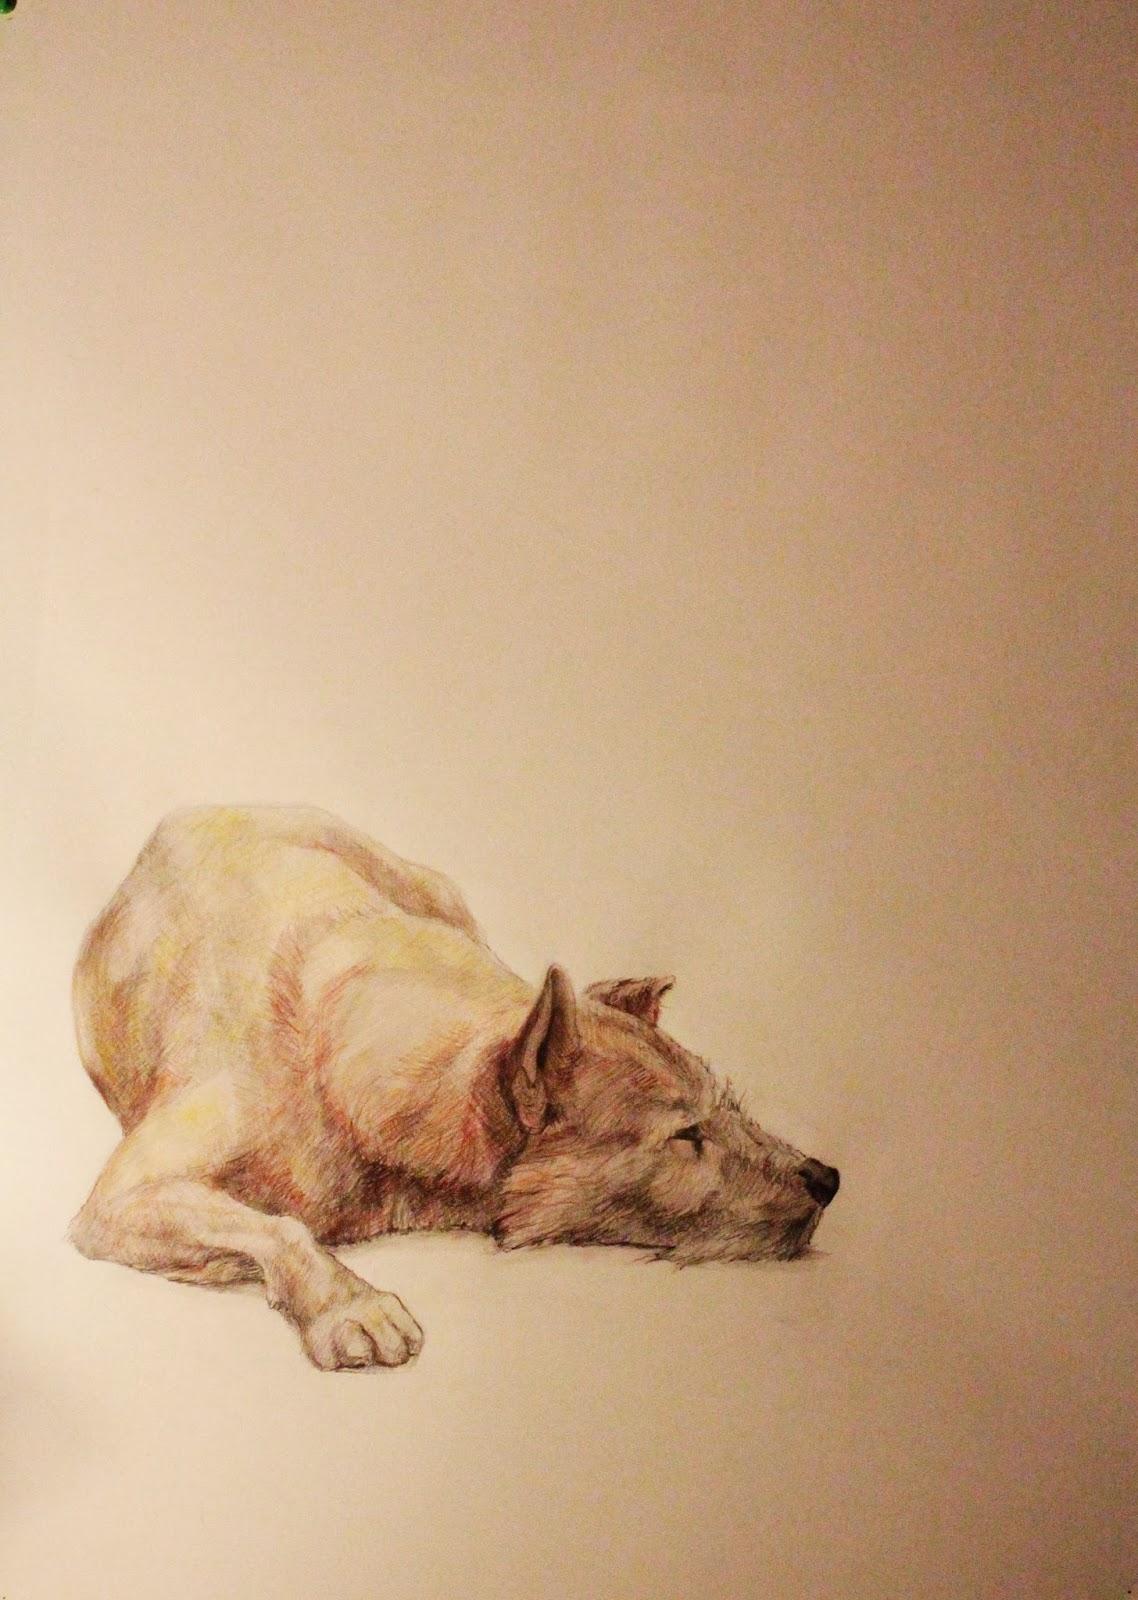 Perro sentado - 14 Enero 2014